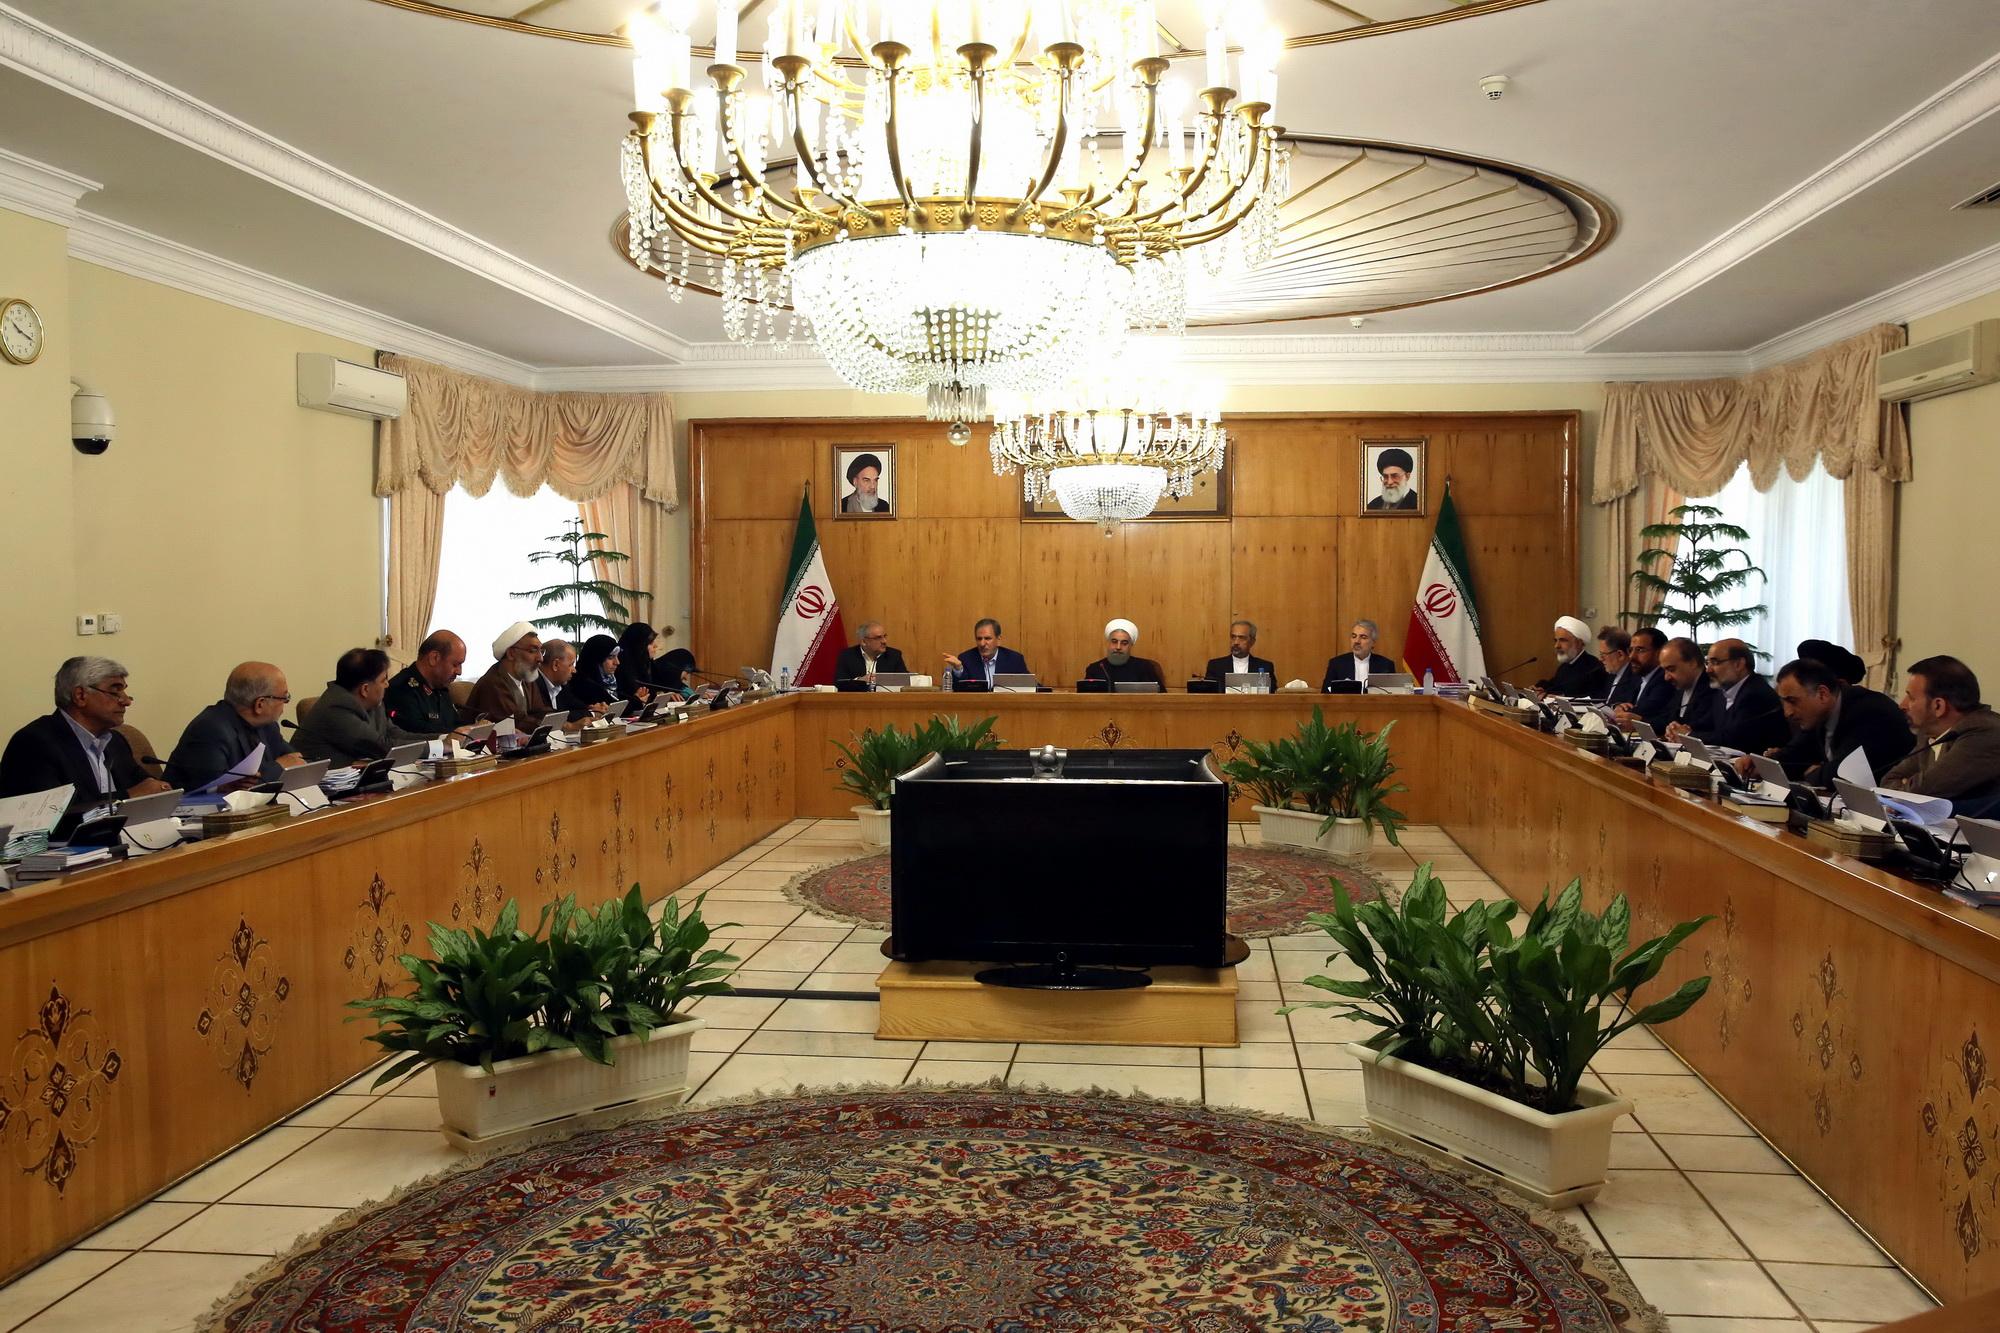 تصمیمات هیات دولت برای اعطای کمکهای بلاعوض به خسارت دیدگان زلزله کرمانشاه